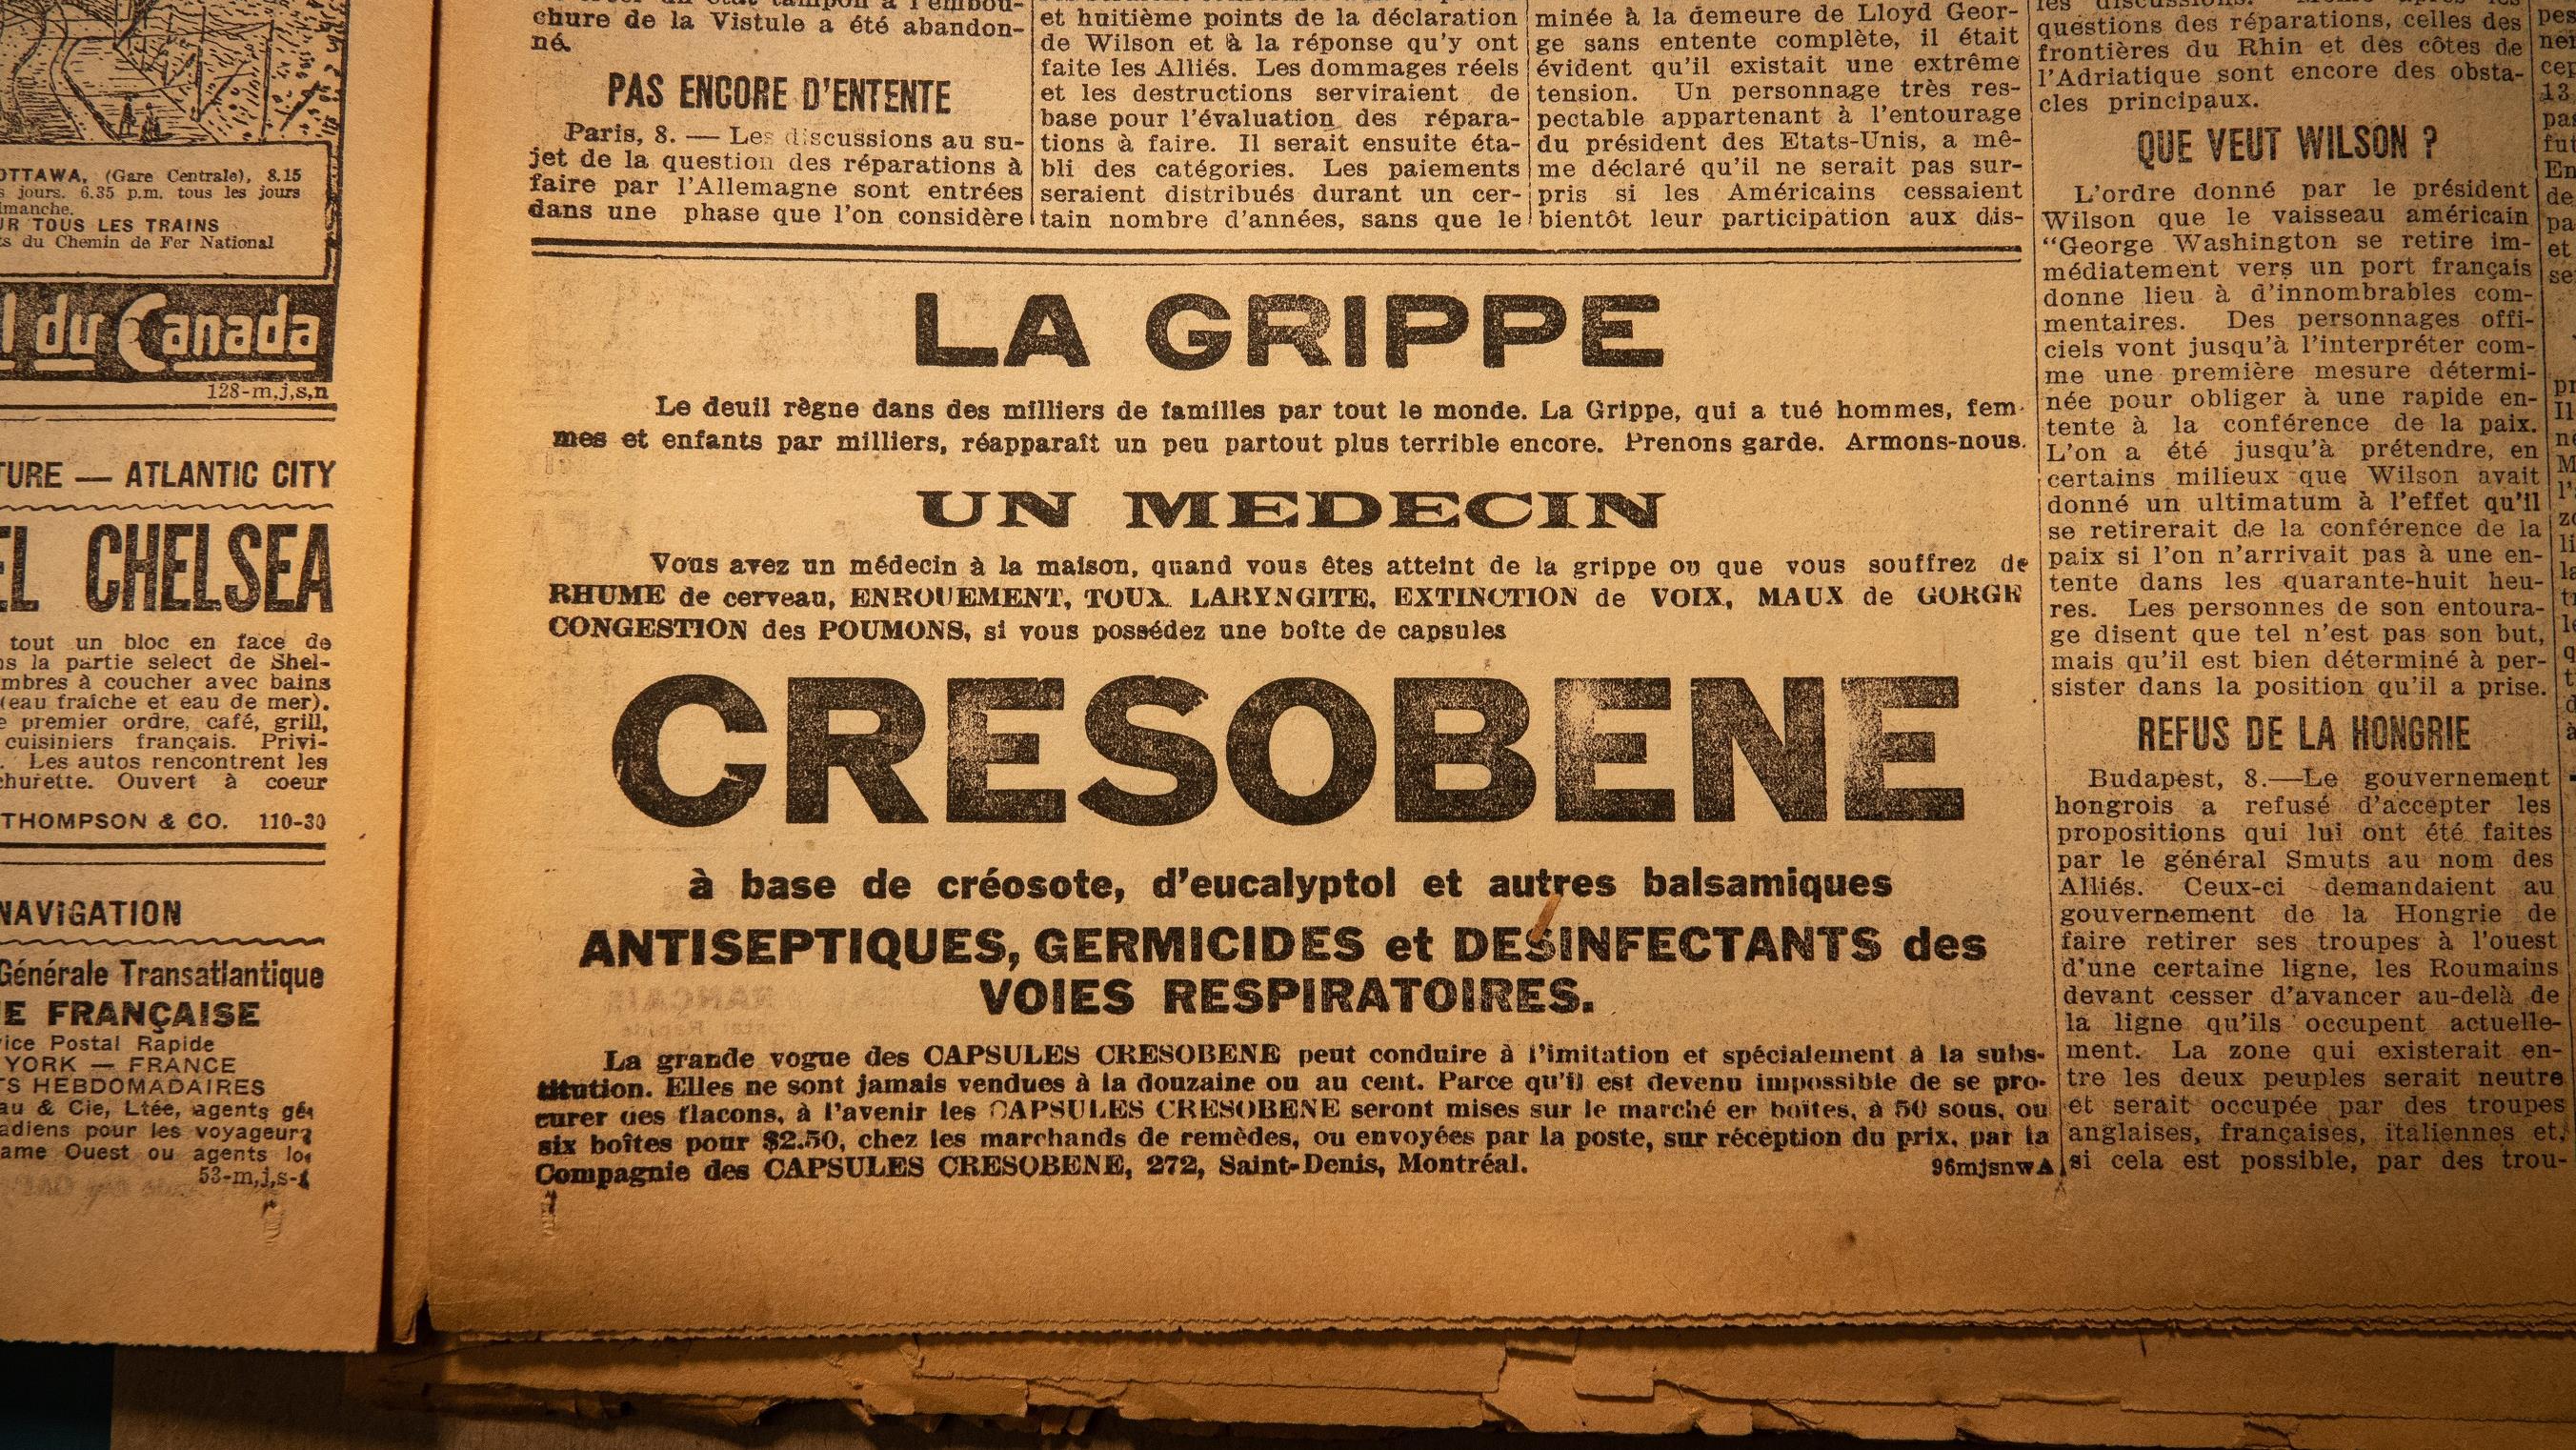 Une publicité pour l'un des remèdes miracles contre la grippe espagnole qui s'affichait dans les journaux de l'époque Photo : Radio-Canada/Martin Thibault